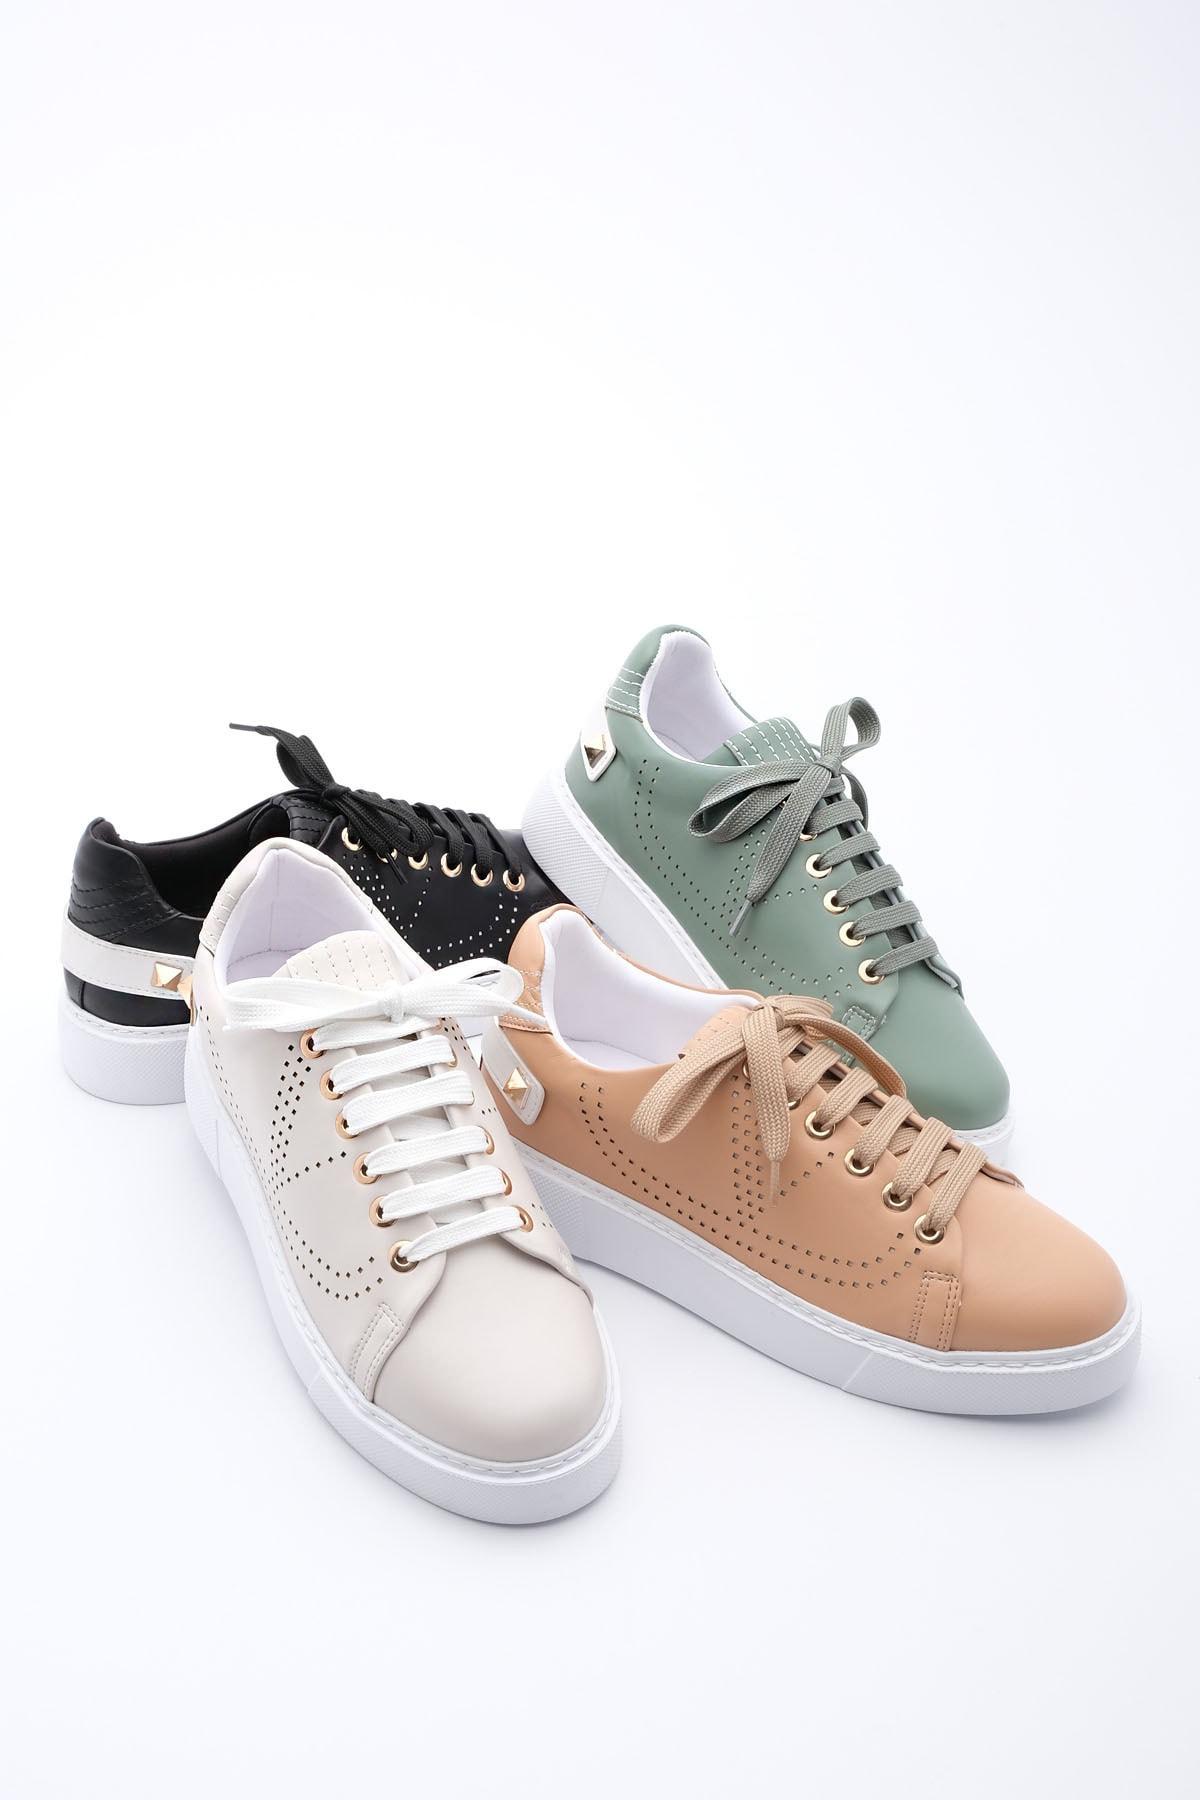 Marjin Kadın Yeşil Sneaker Spor Ayakkabı Volares 1